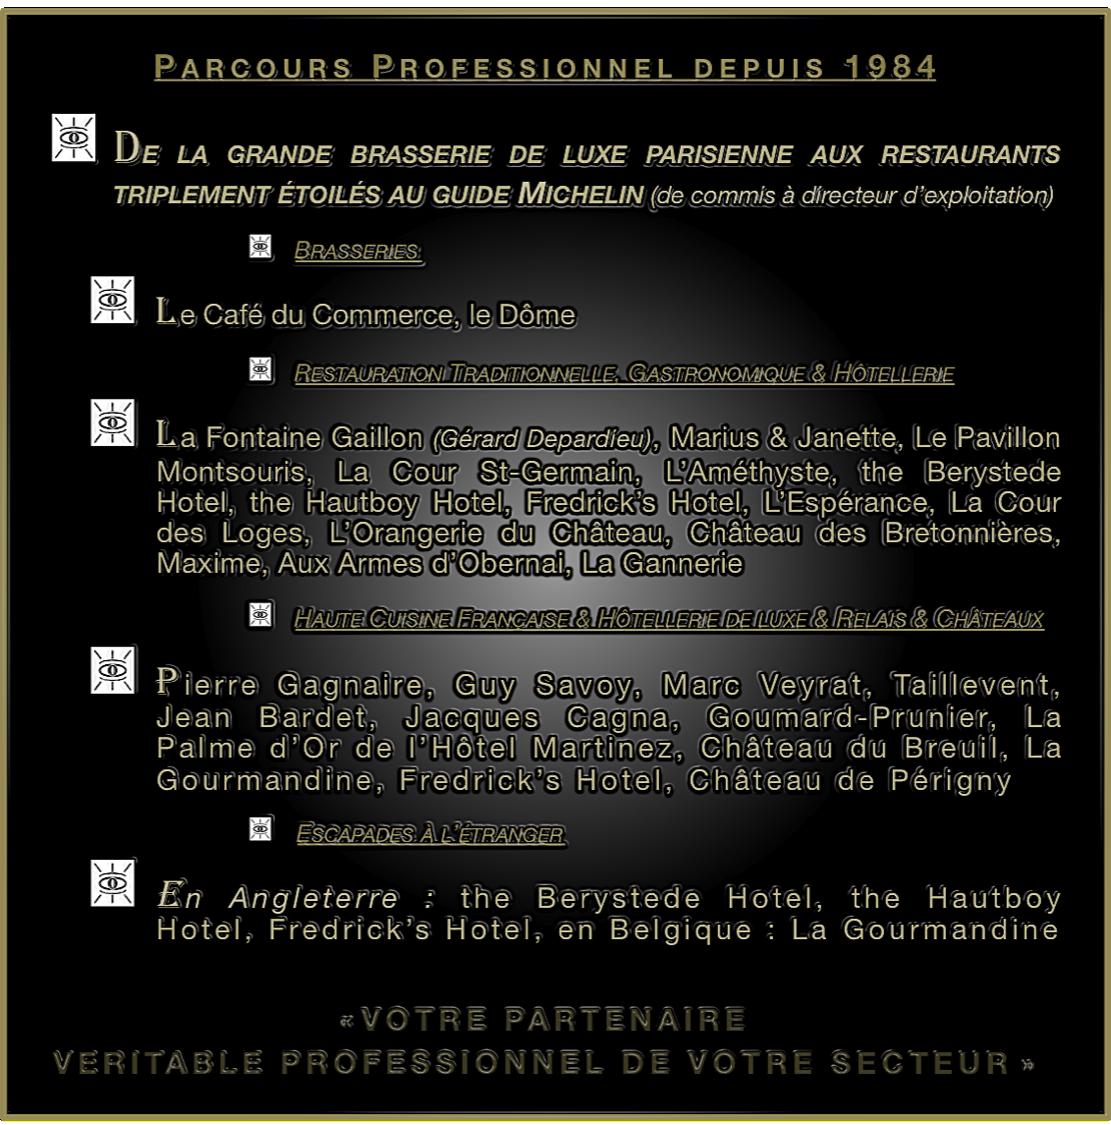 Cv David Maurel Dmparis Recrutement Gerard Depardieu Guide Michelin